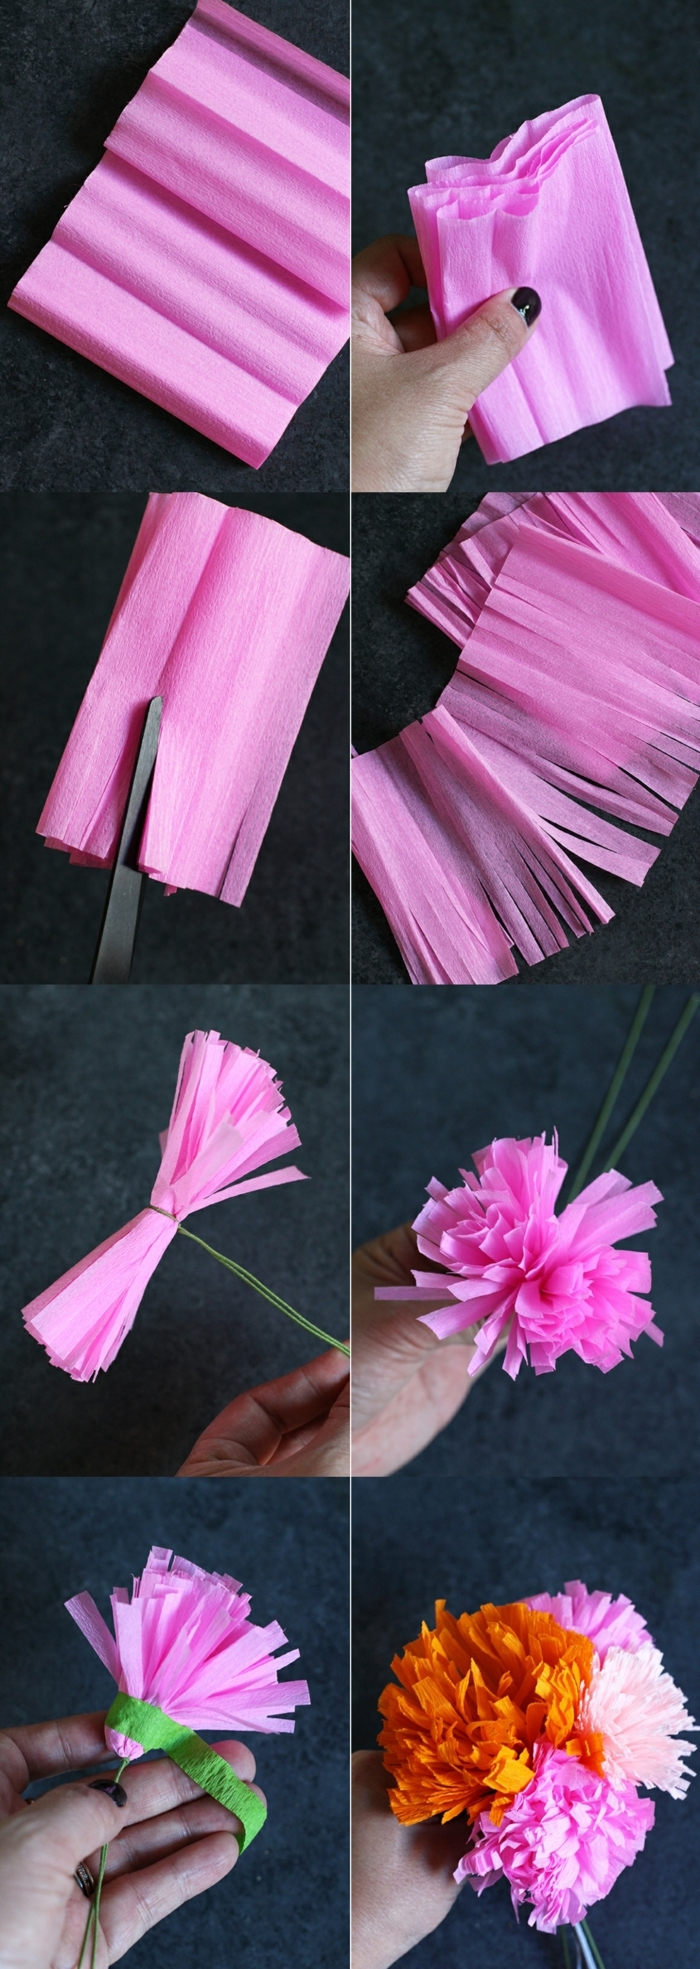 rosa Blume aus papier für Buchsbaumkranz basteln, DIY Anleitung, Wanddeko Ideen selber machen